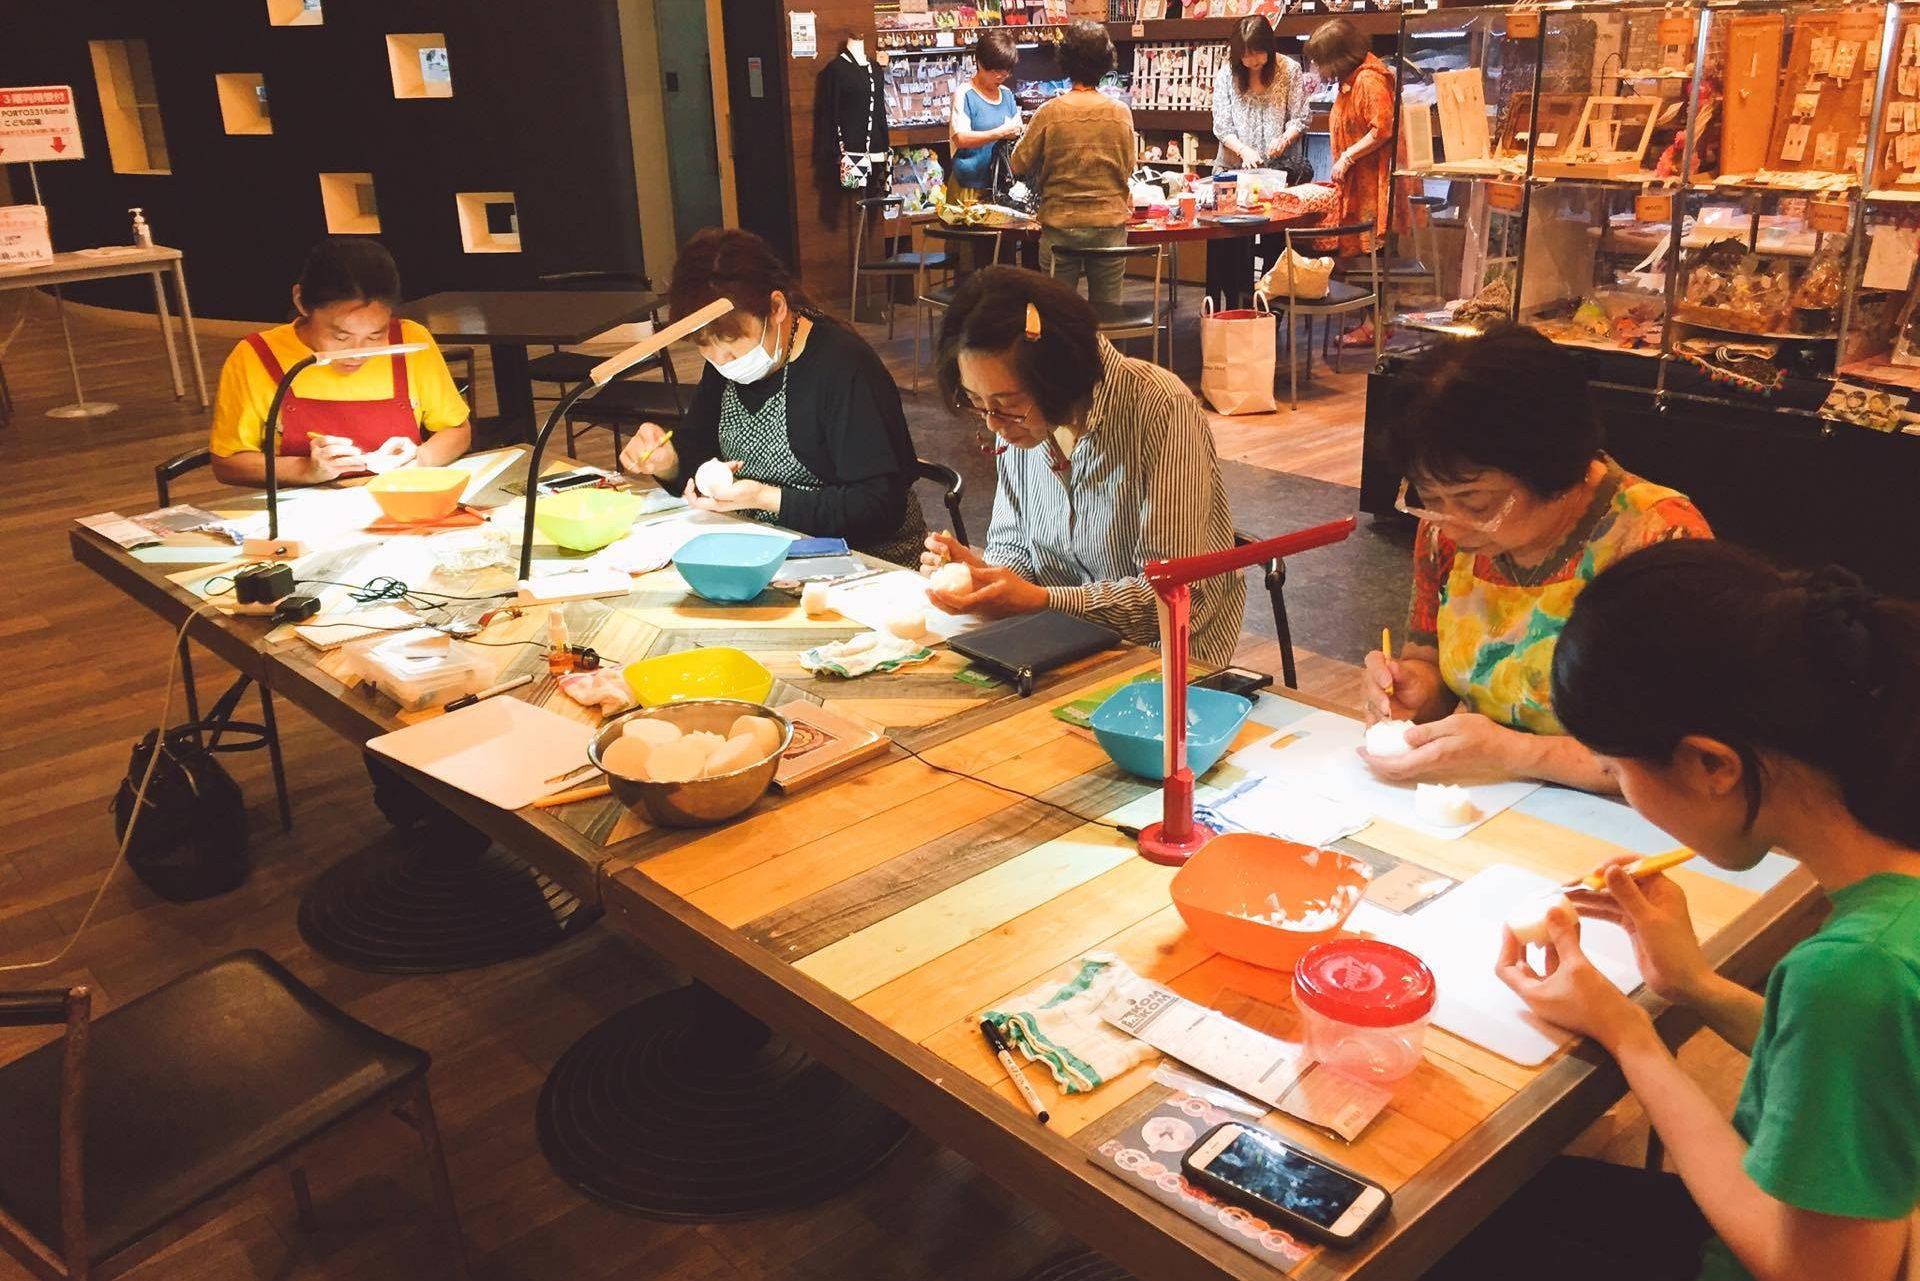 「伊万里菓舗うちだ」の大人気カービング講座が開催されます!